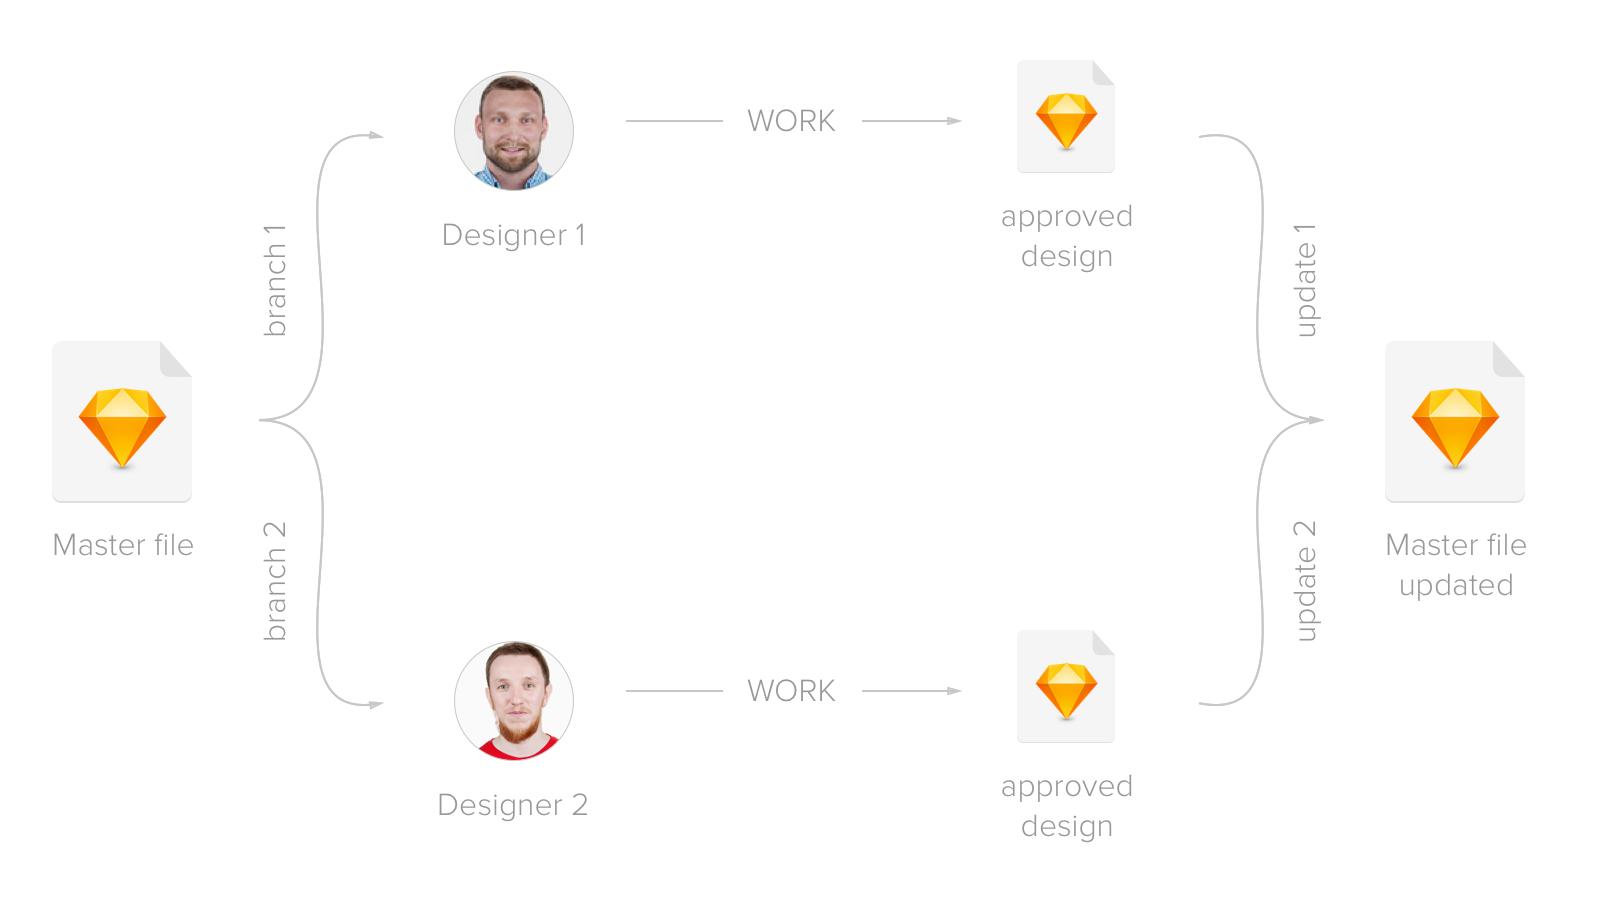 Оптимизация работы портальной дизайн-команды с помощью Sketch и облака - 7